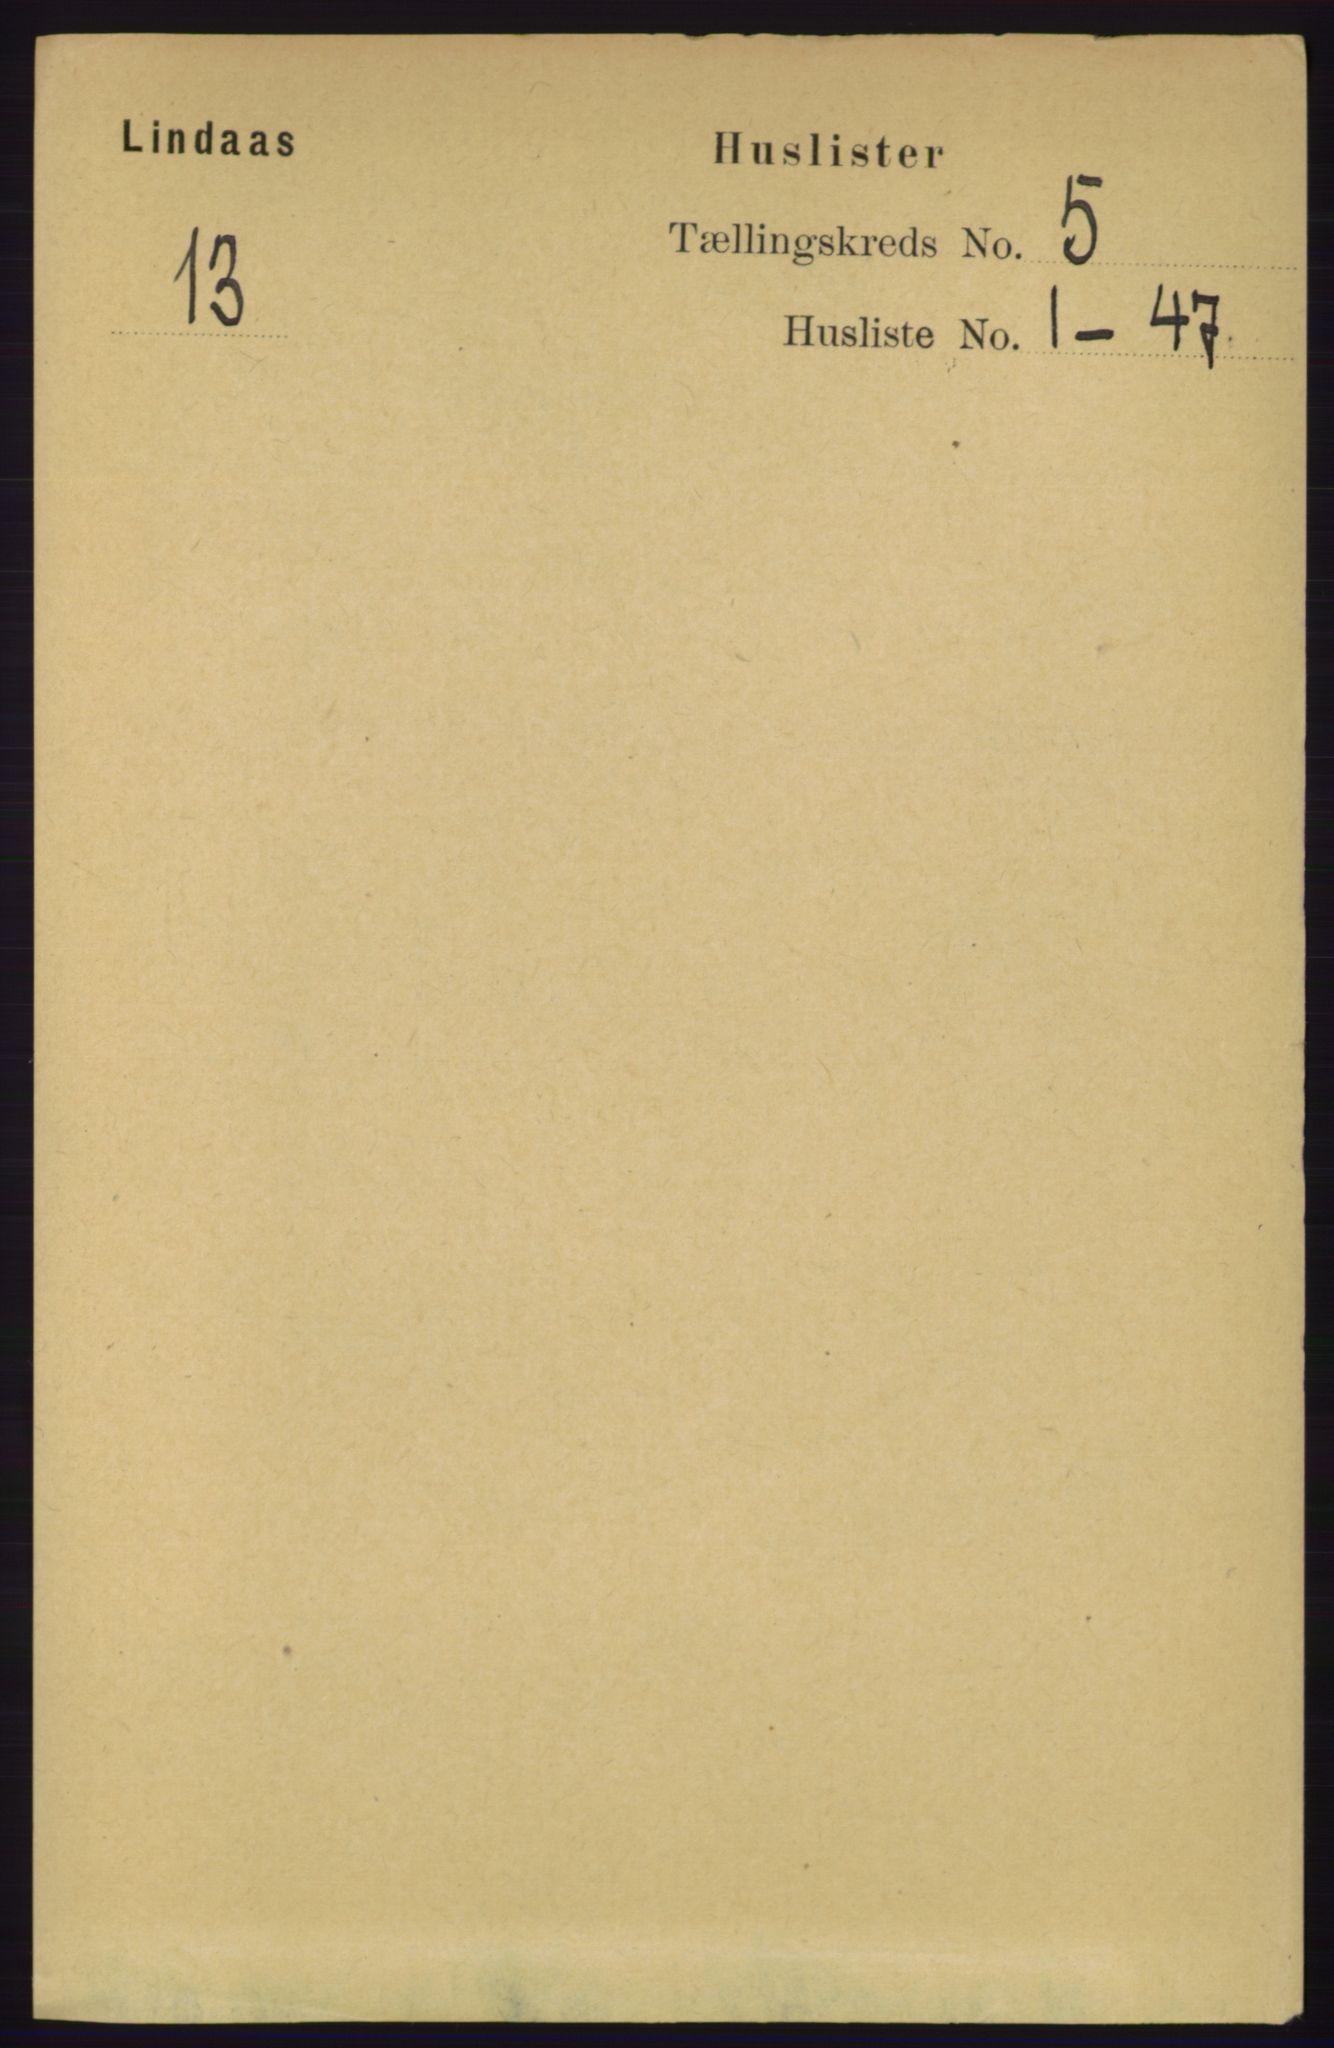 RA, Folketelling 1891 for 1263 Lindås herred, 1891, s. 1395